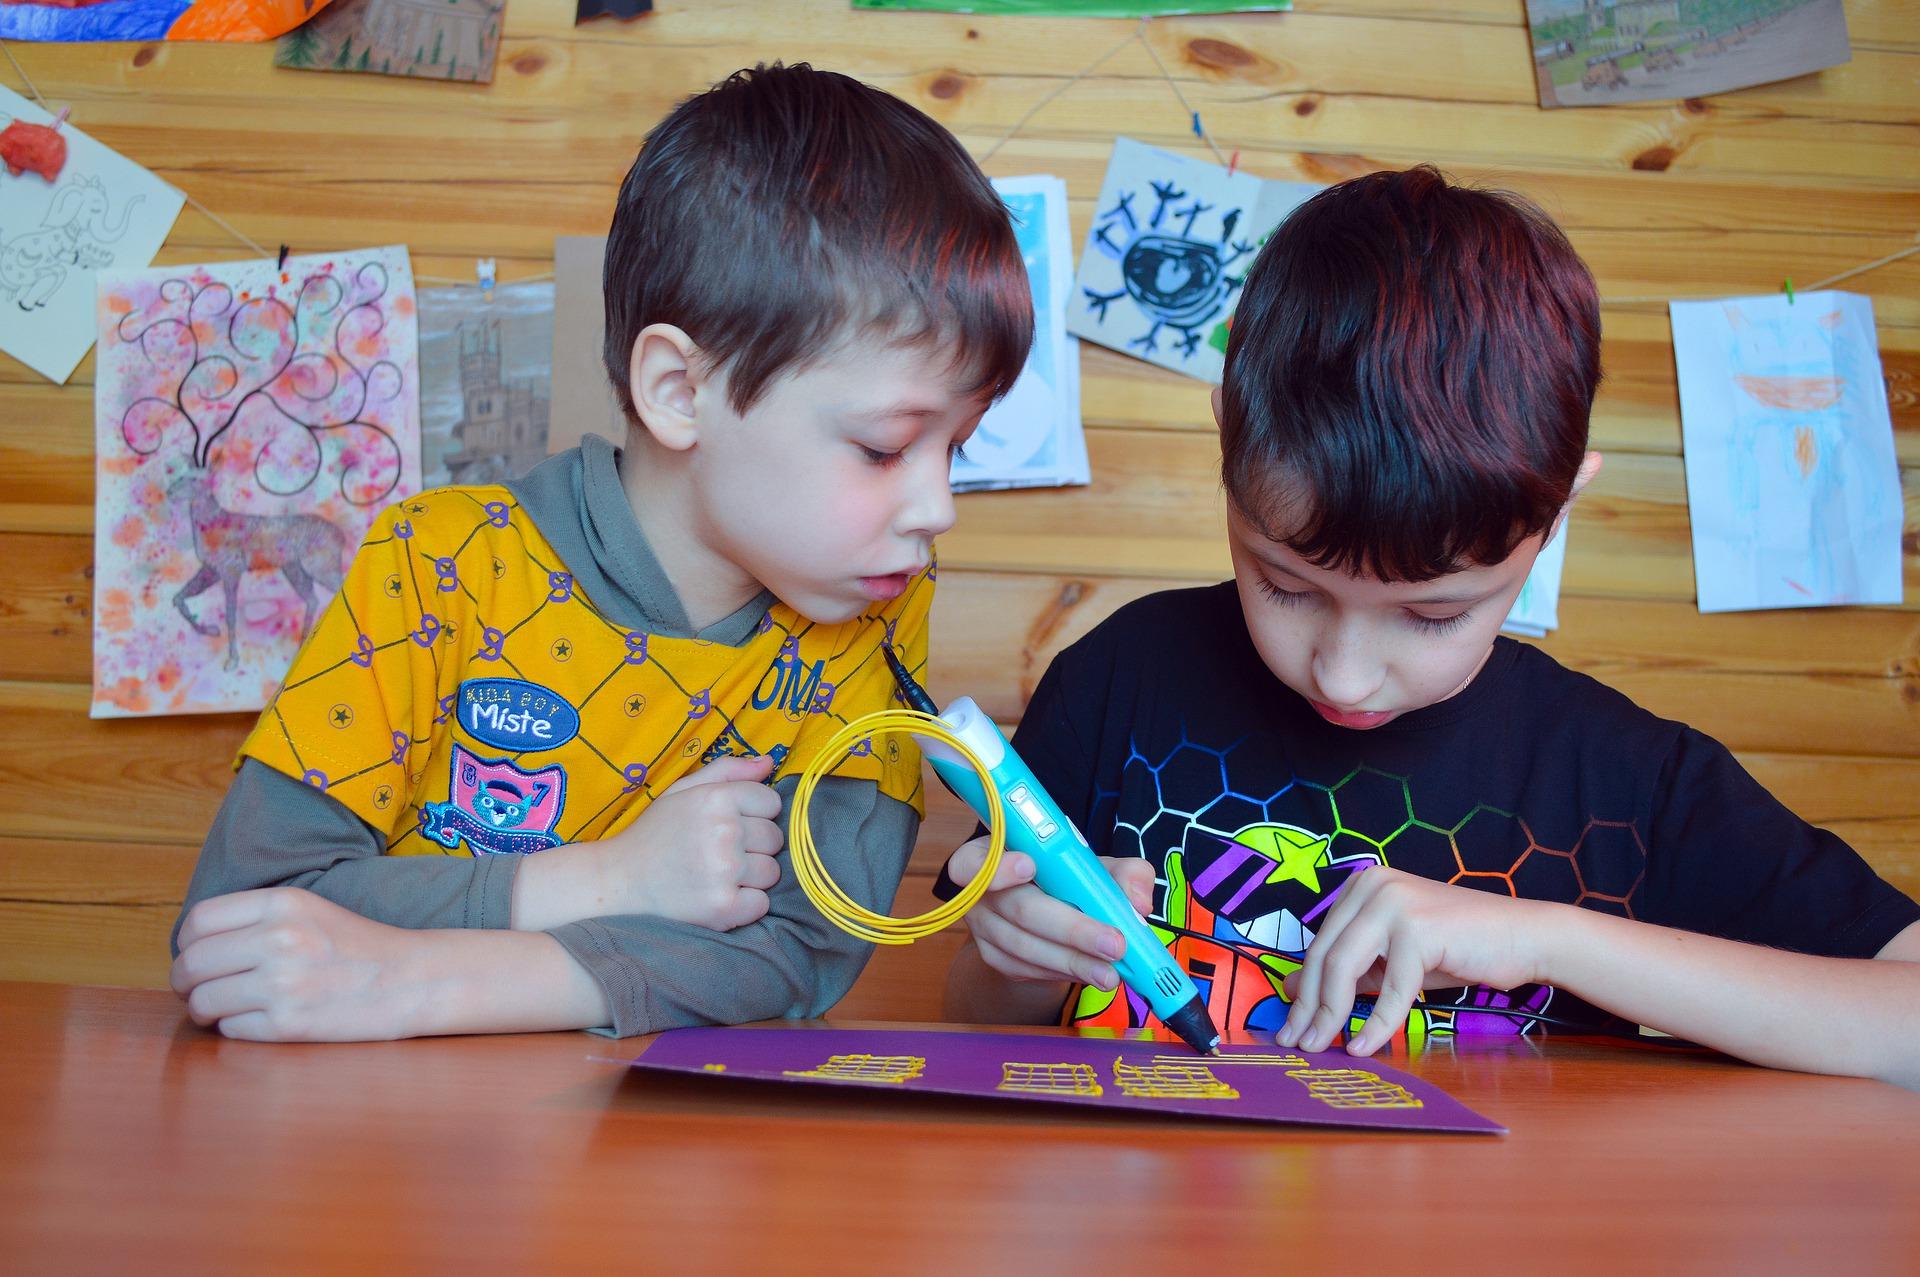 Imagem mostra duas crianças brincando com uma caneta 3D.